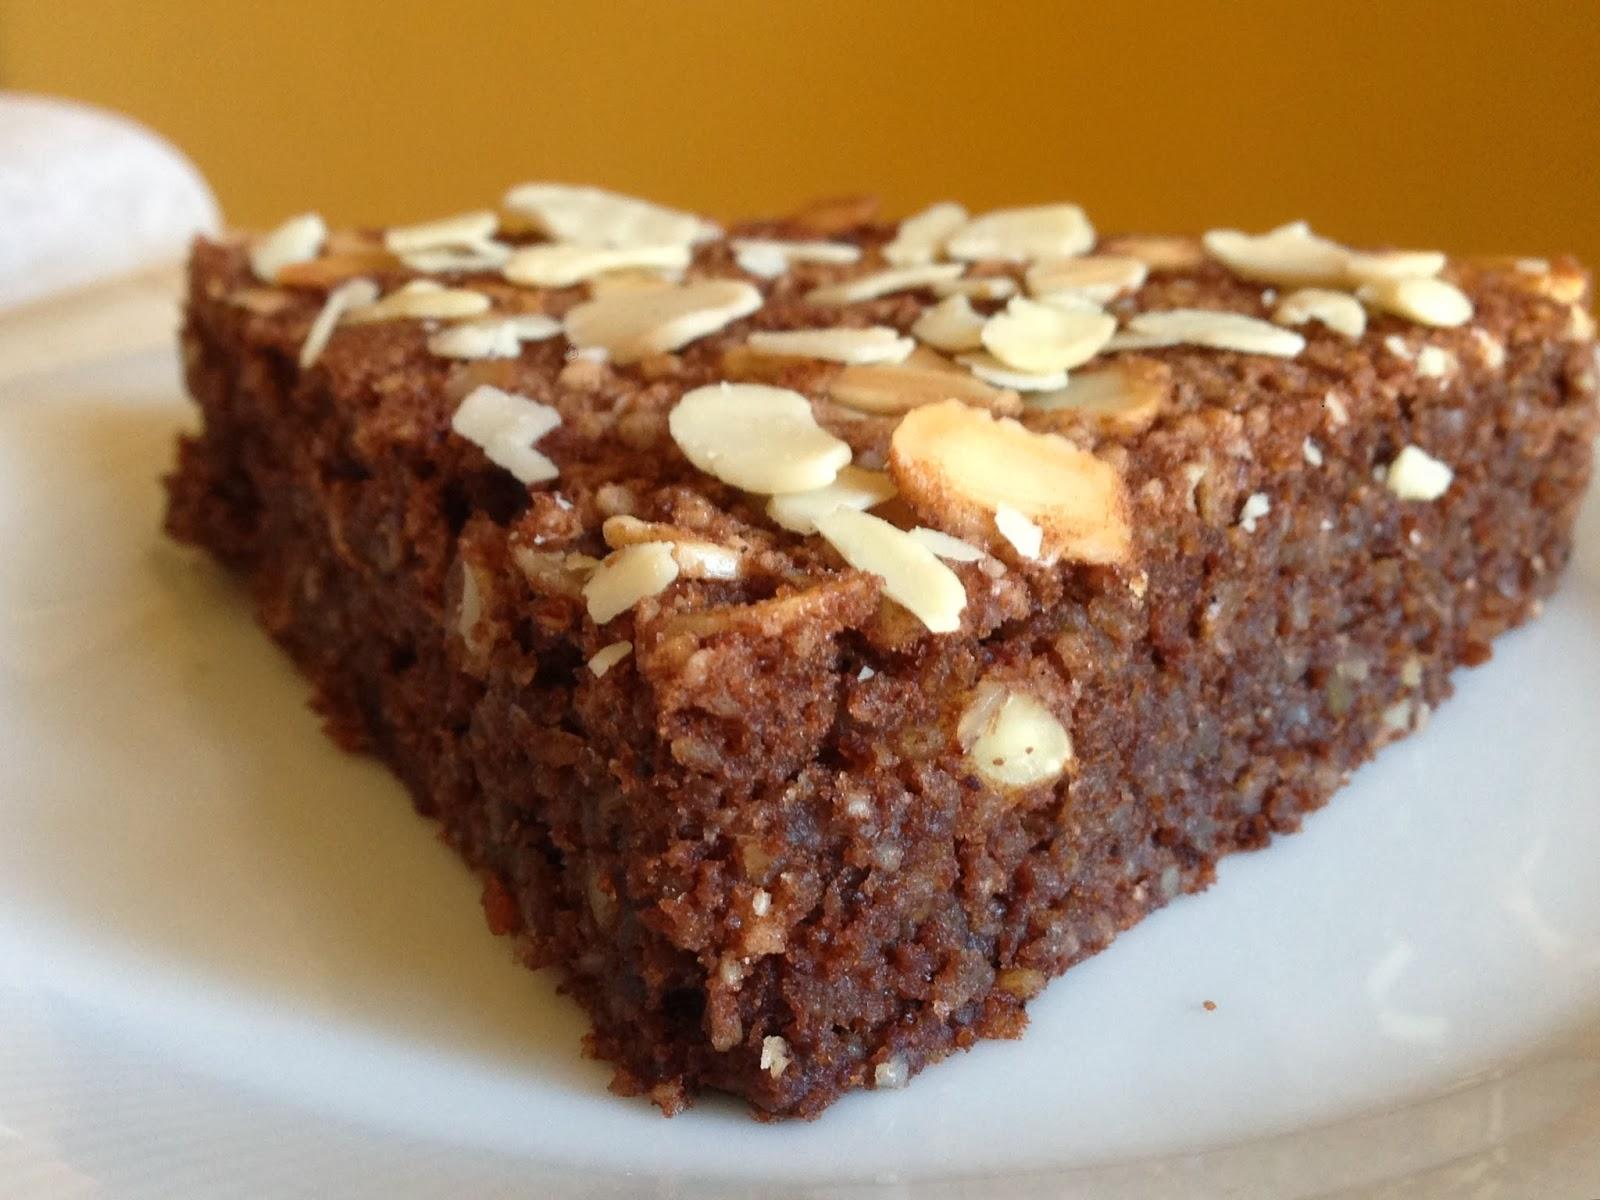 Torte Da Credenza Montersino : Torta caprese di luca montersino